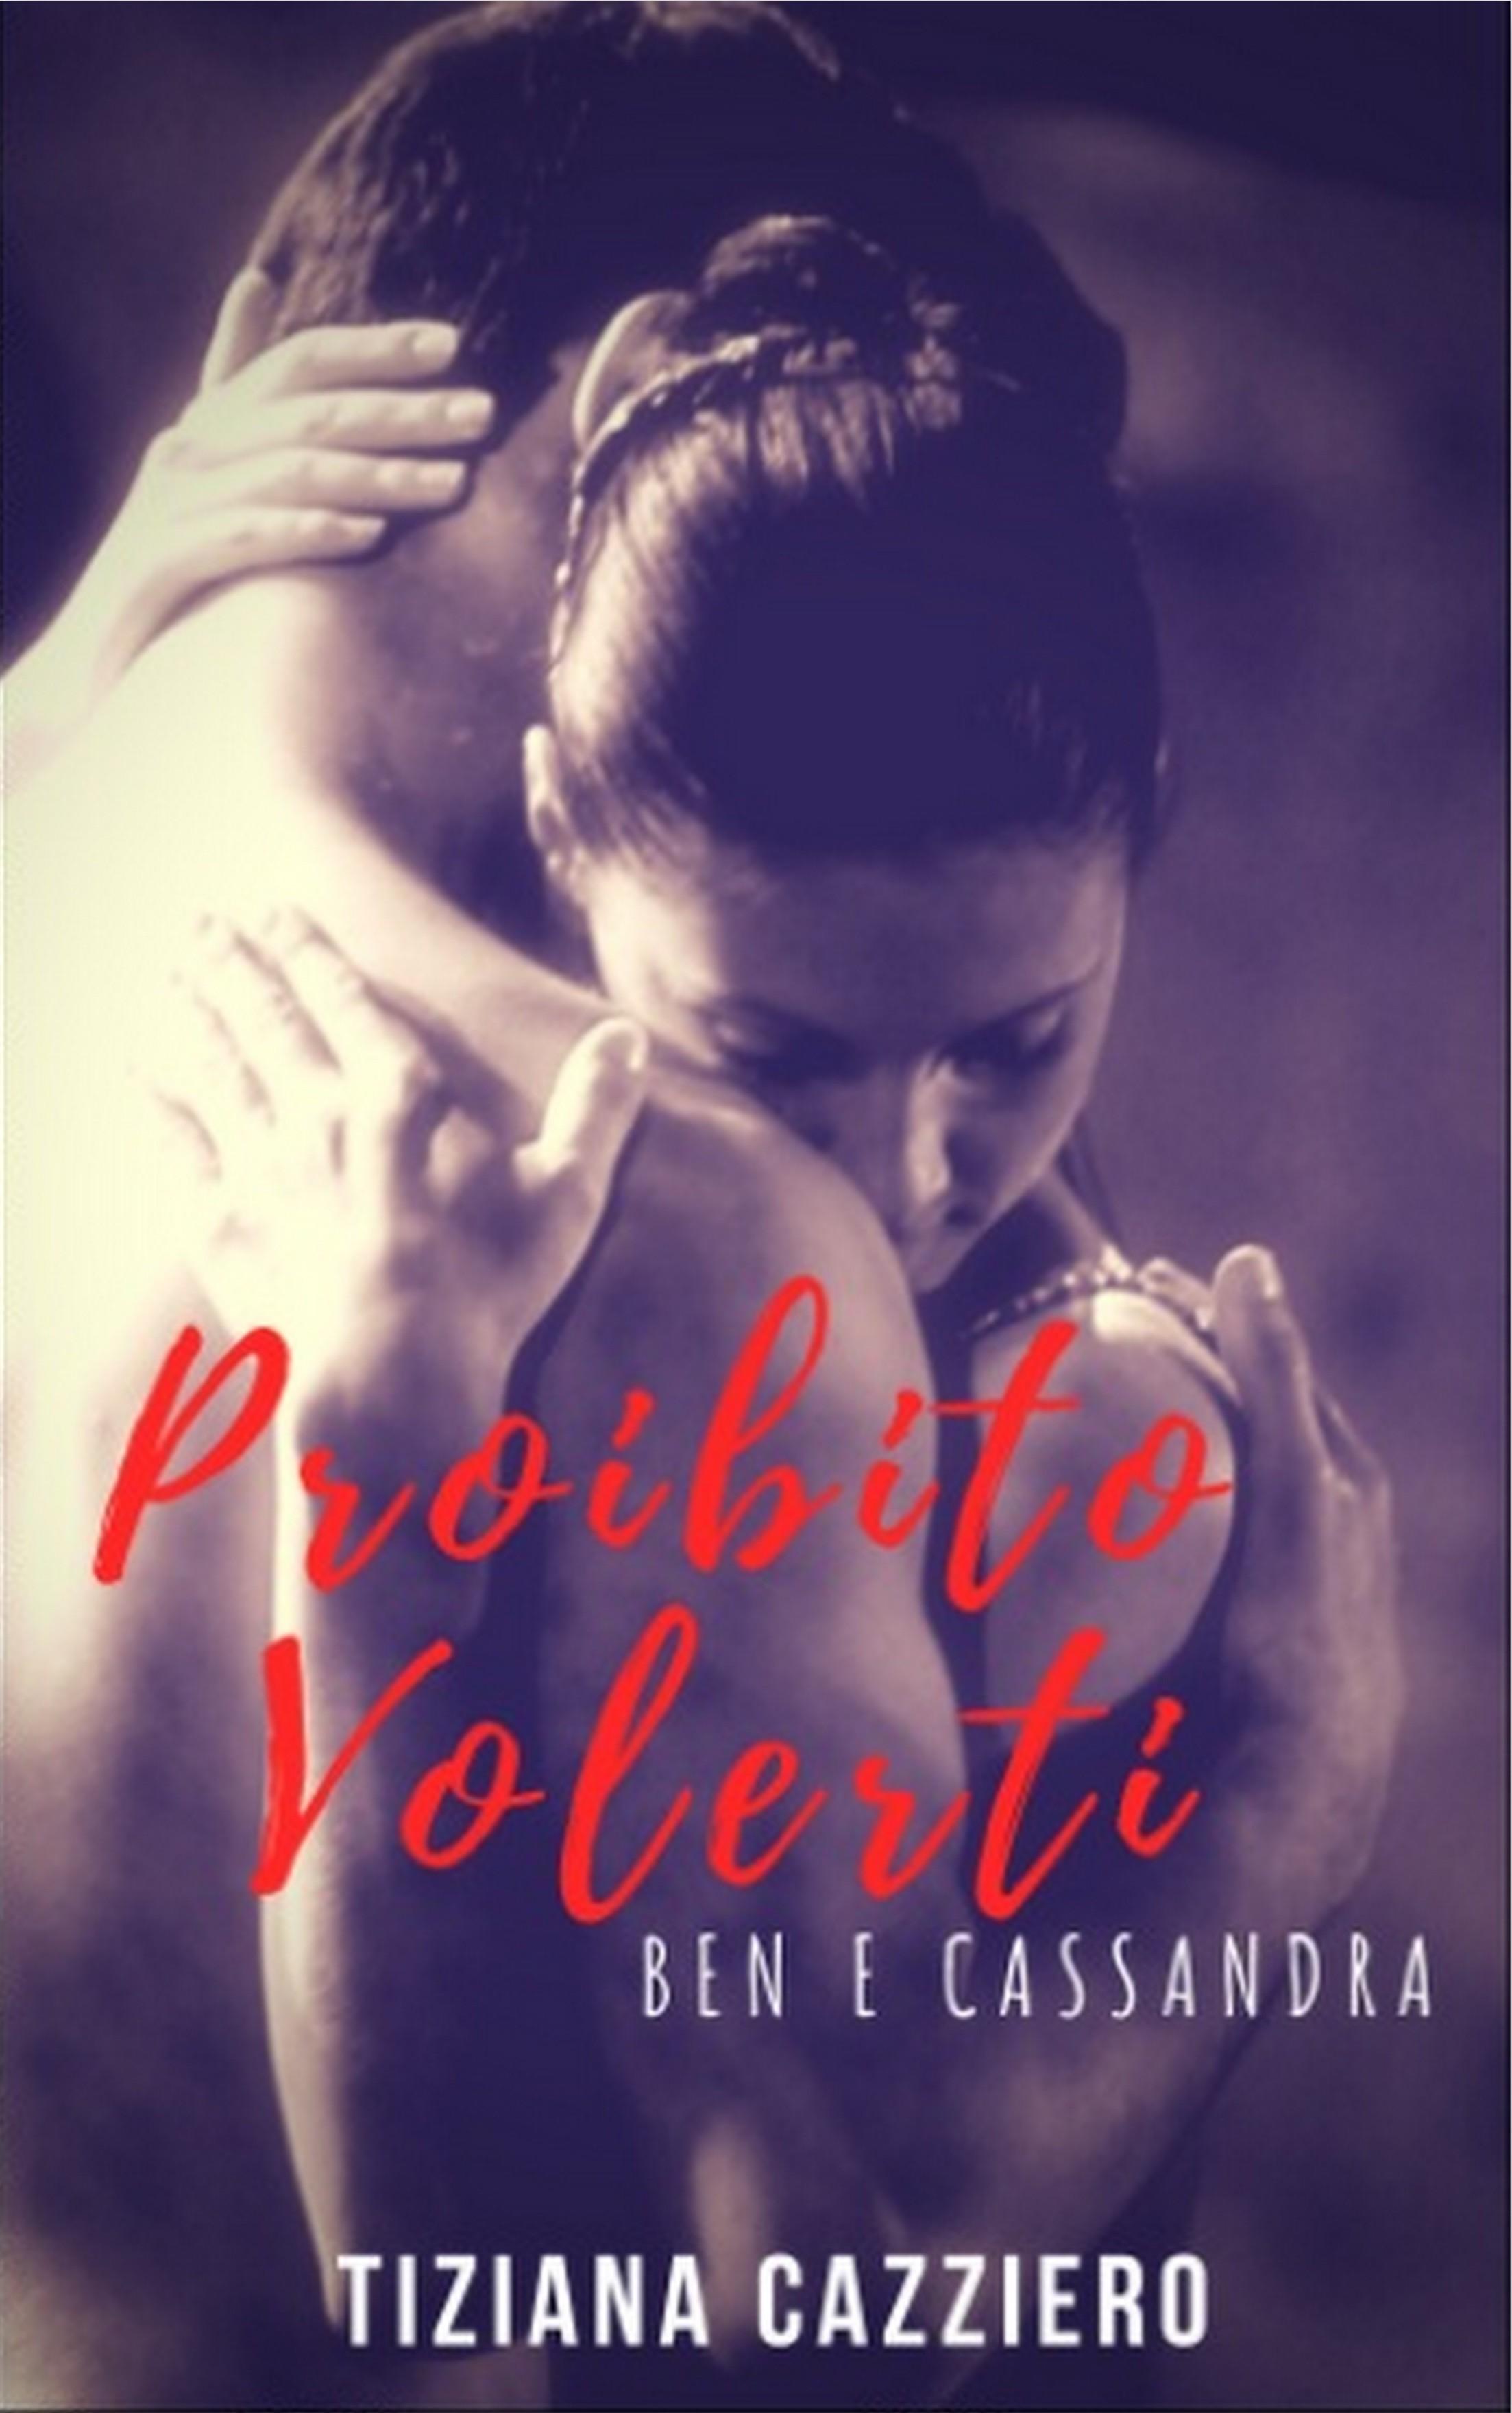 Video. Presentazione di Proibito Volerti. Ben e Cassandra.